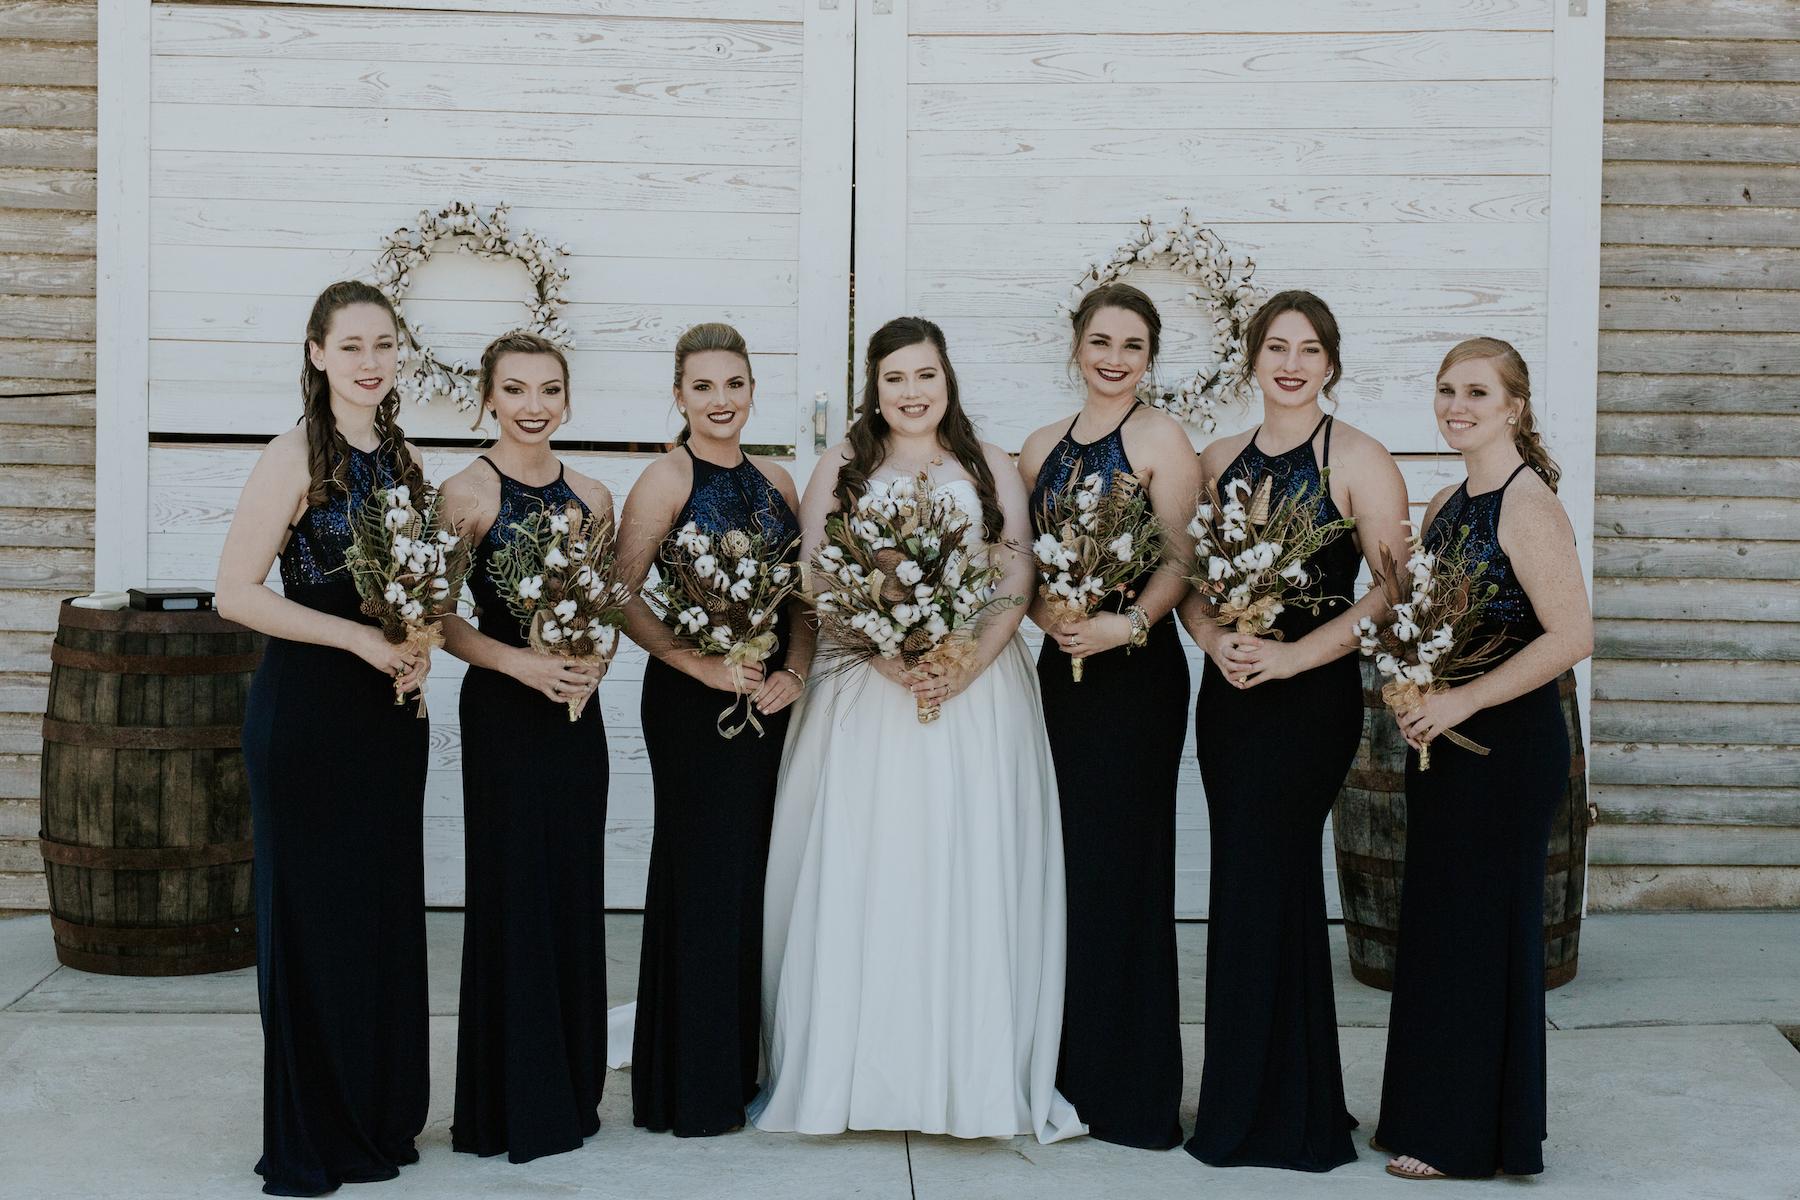 barn-forevermore-farm-moore-sc-wedding-022.JPG